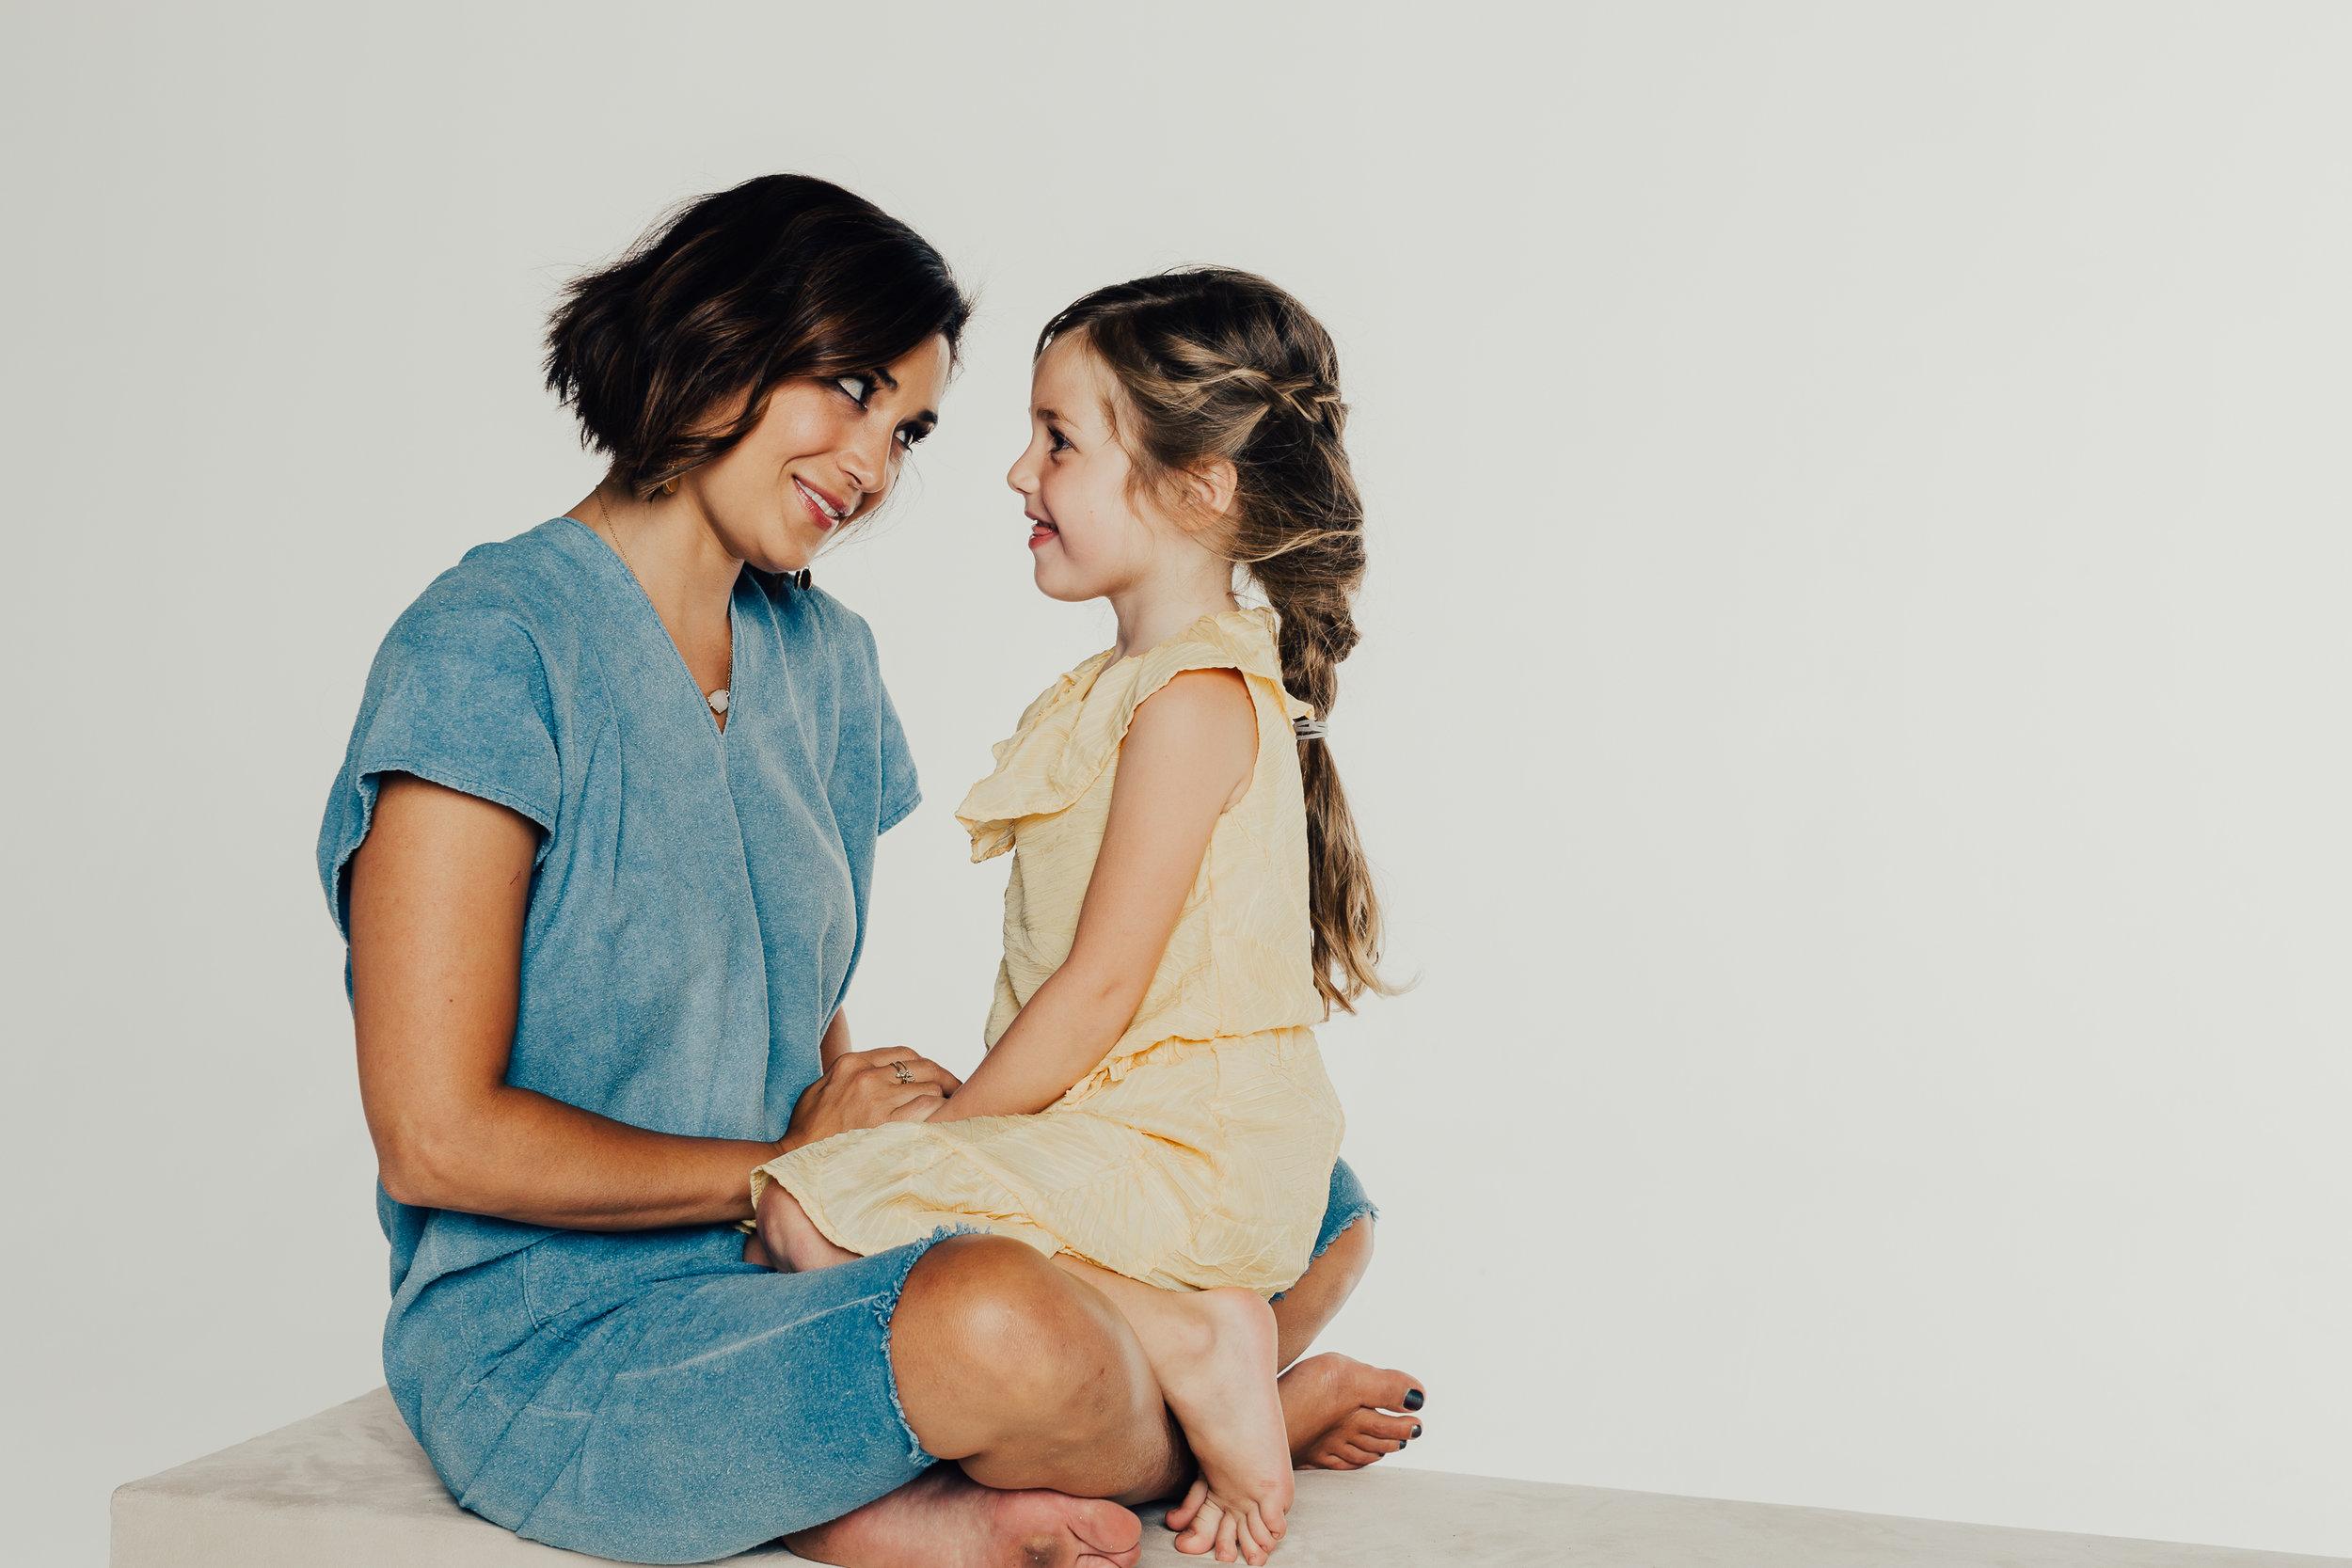 Gianna Keiko Atlanta Family Studio Portrait Photographer-29.jpg